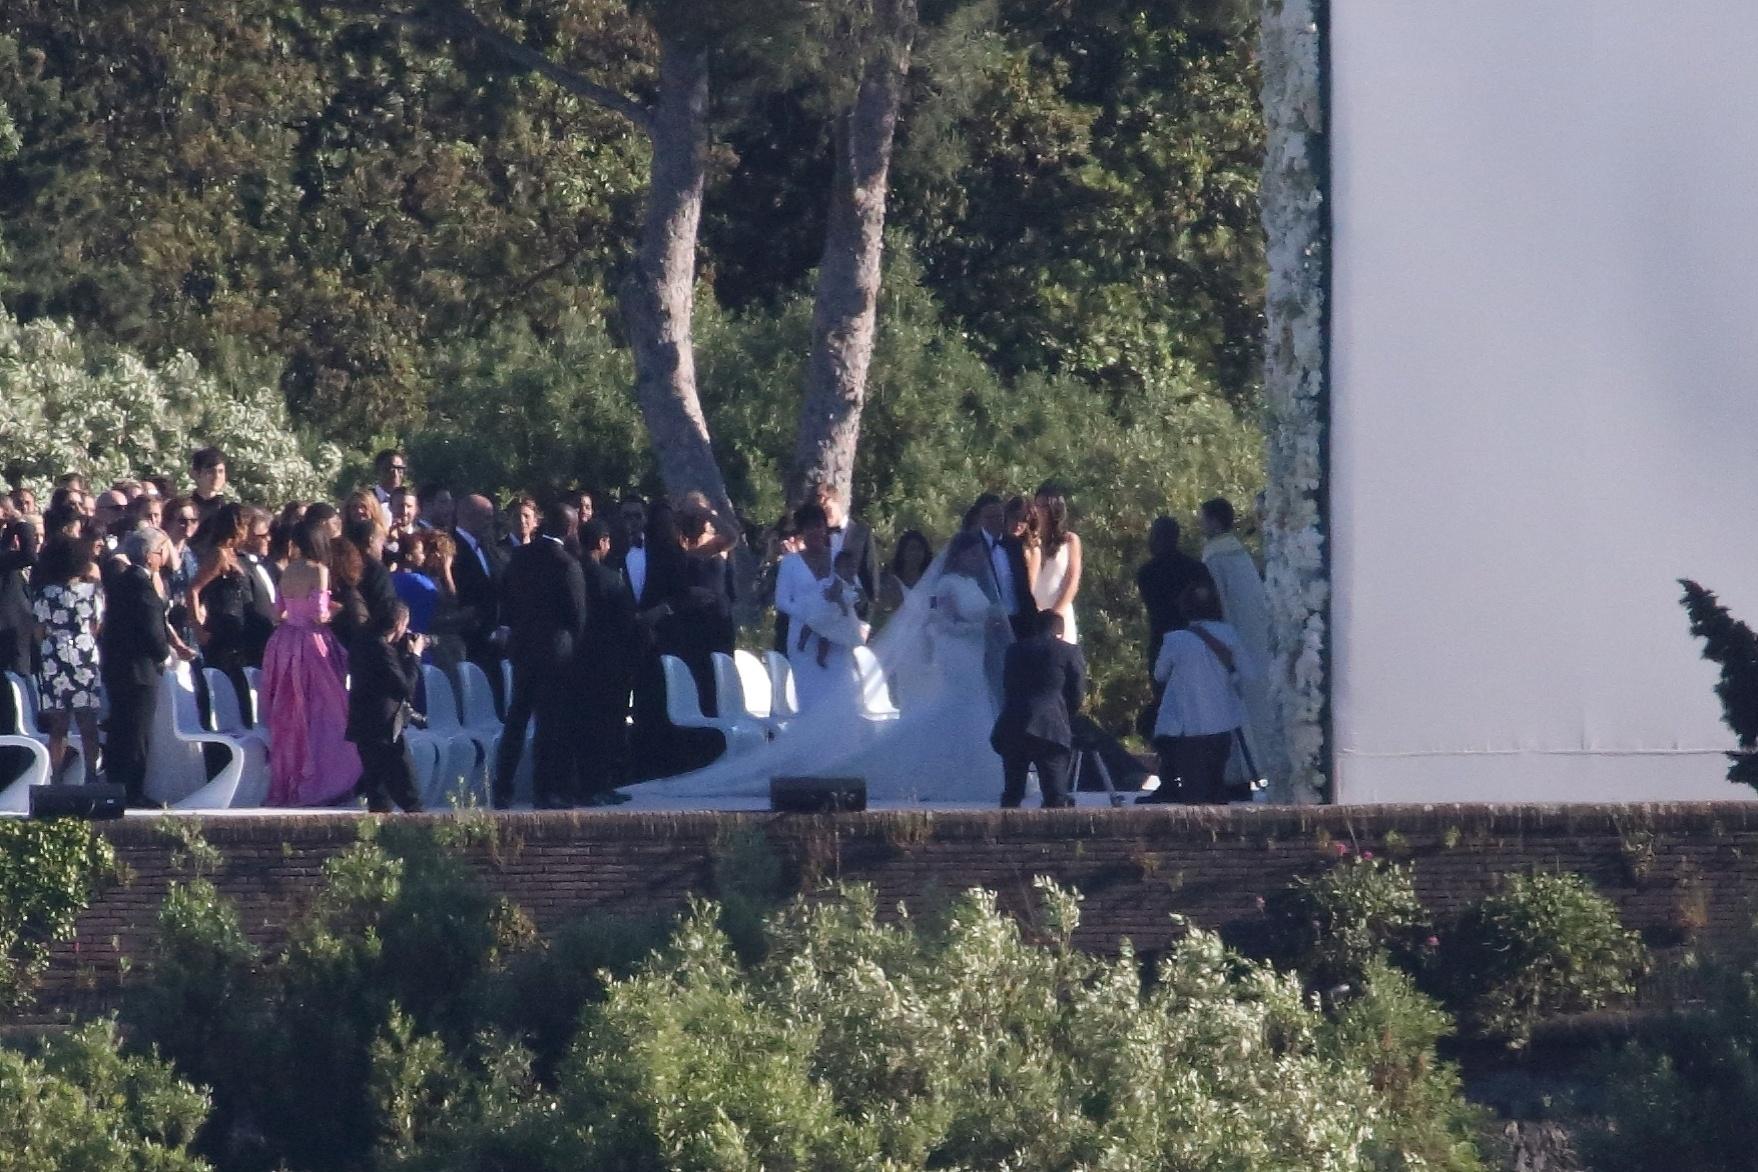 24.mai.2014 - Casamento de Kim Kardashian e Kanye West no Forte di Belvedere, em Florença. O único irmão da estrela de reality show, Rob, brigou com a noiva e desistiu de ir à cerimônia na última hora